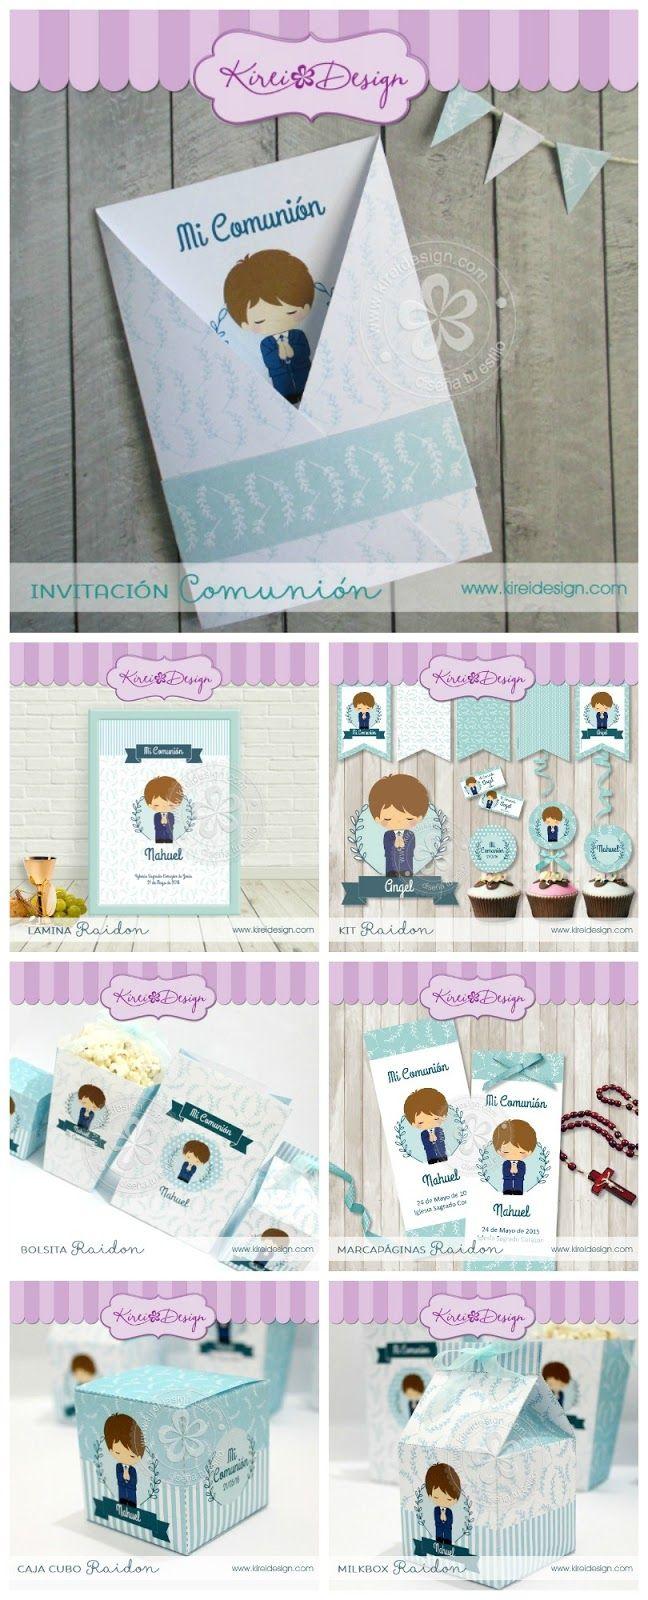 Invitaciones de comunión para descargar gratis | Invitaciones de ...